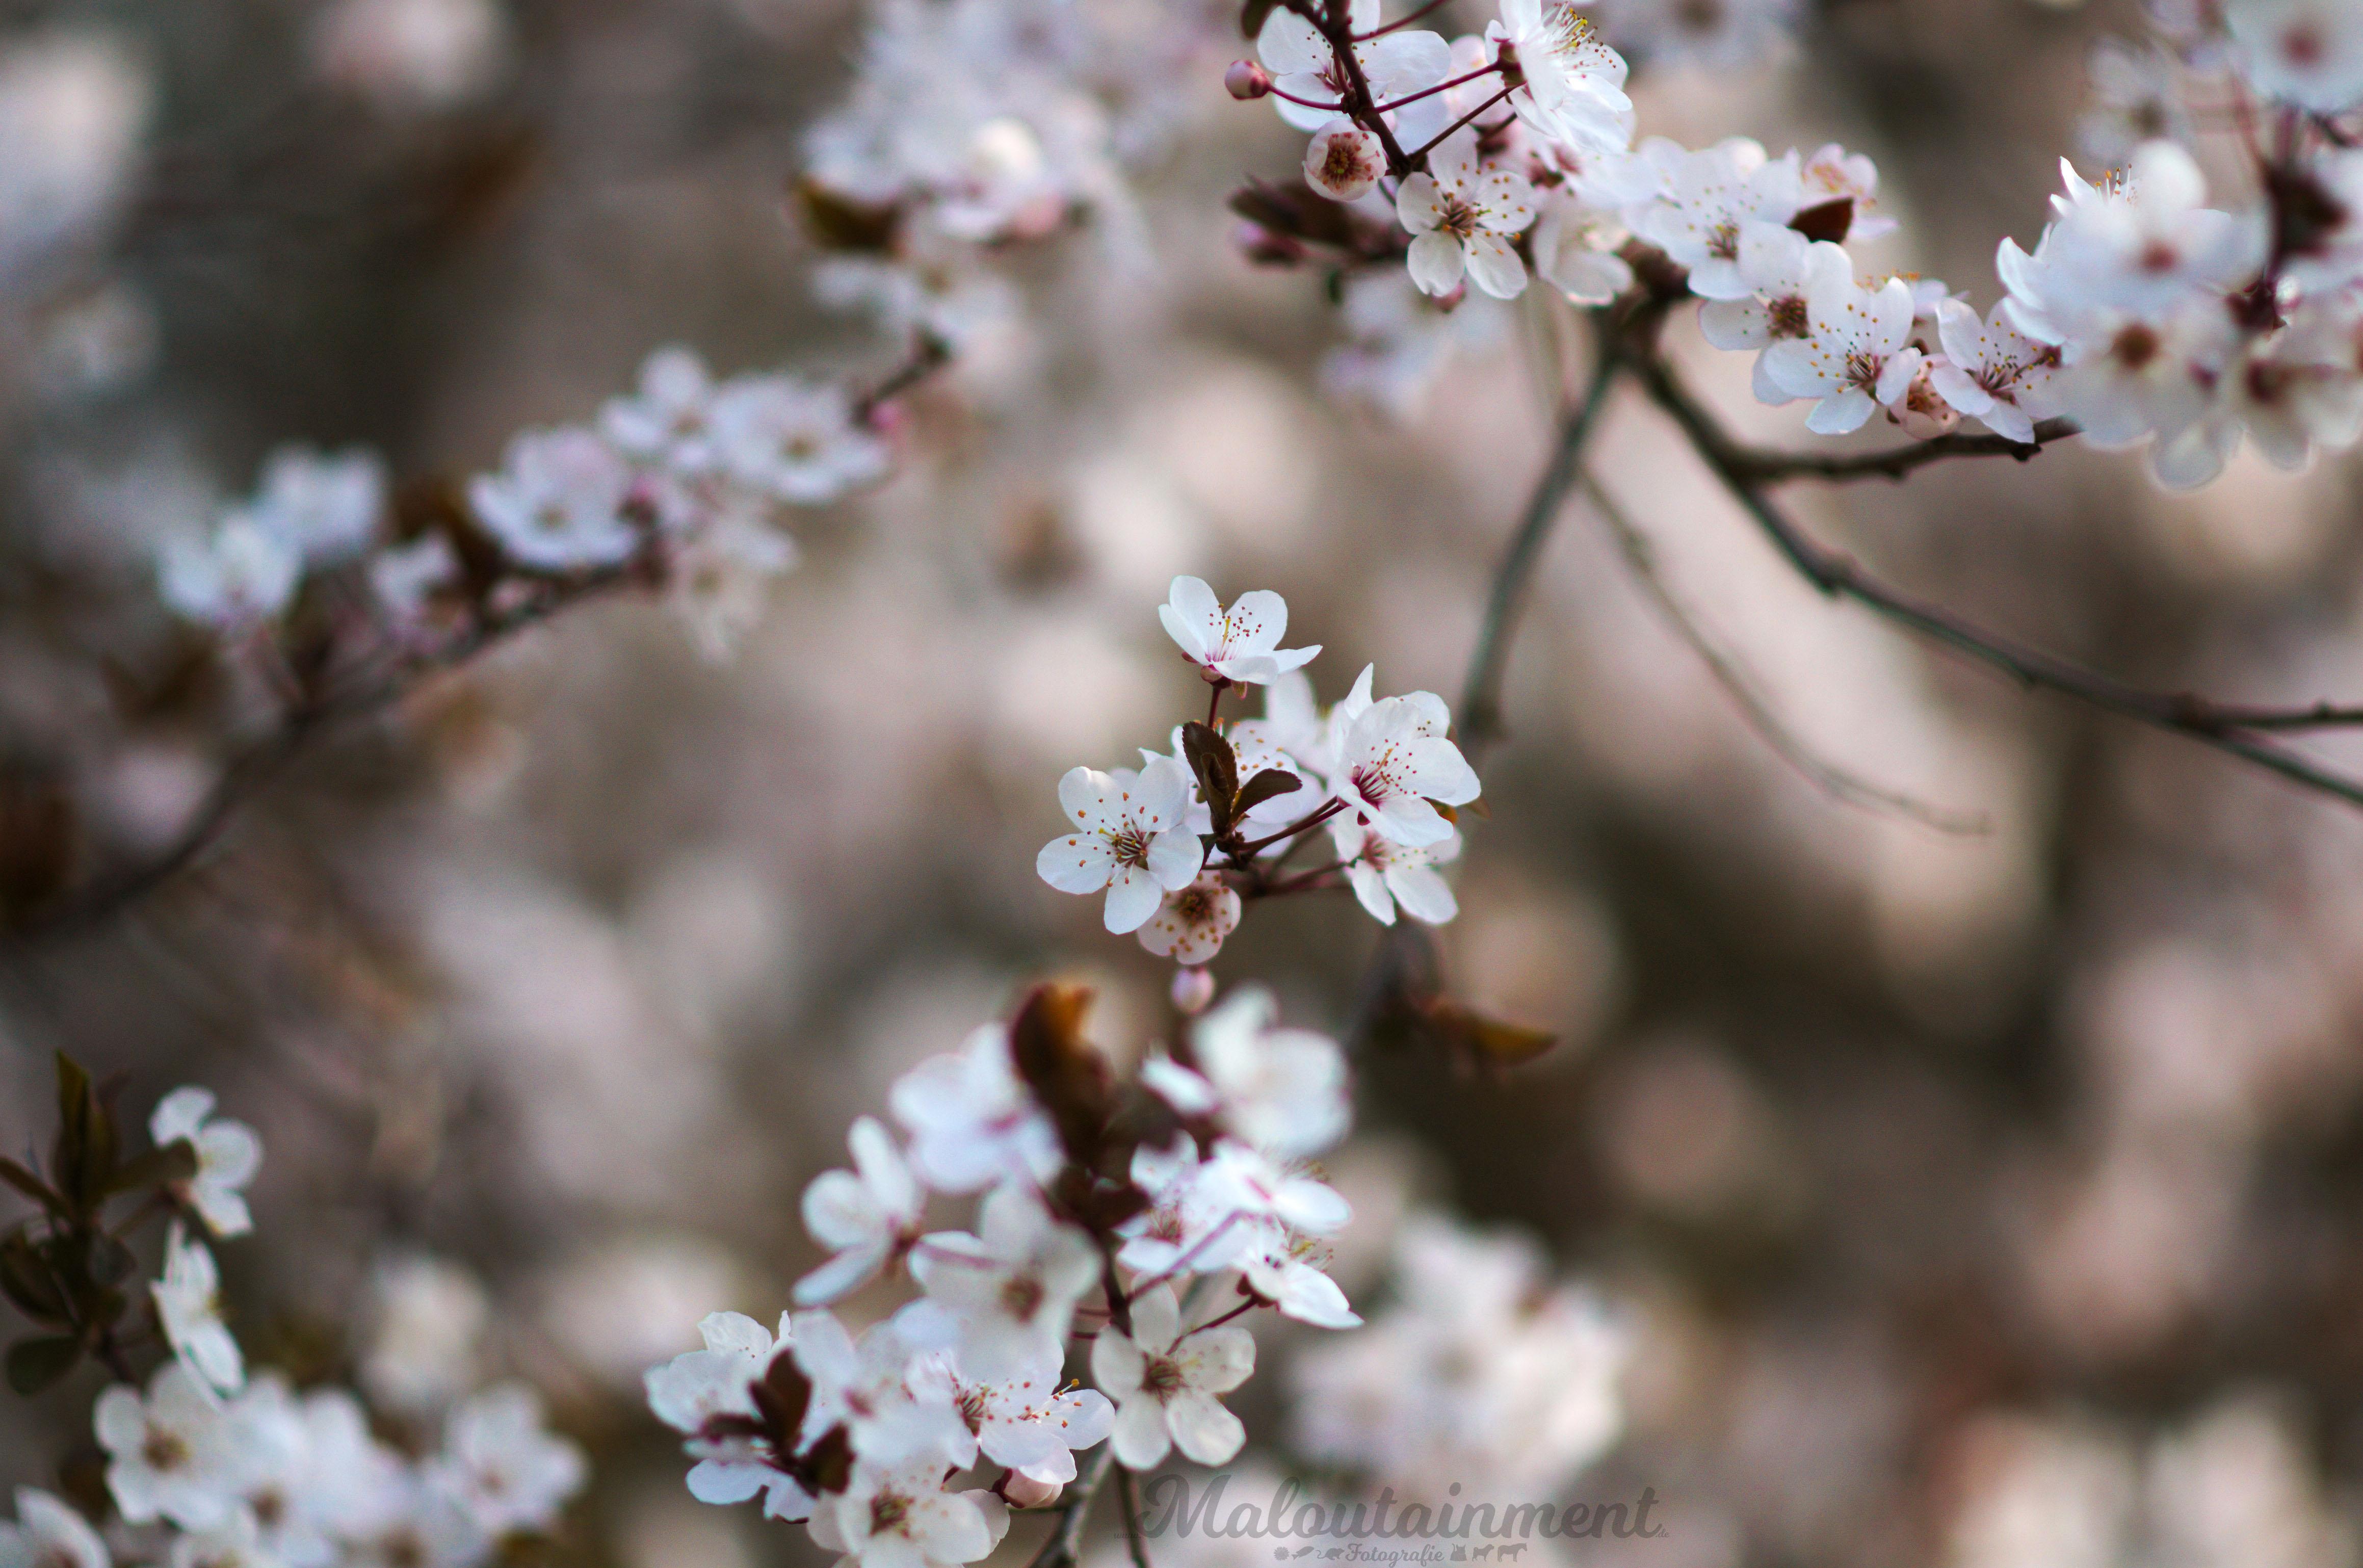 Blüten-welten-Welt-Unschärfe-neues-entdecken-Fotografie-Hannover-Hamburg-Hildesheim-Tierfotografie-Celle-Winsen-Maloutainment-Facebook-Instagram